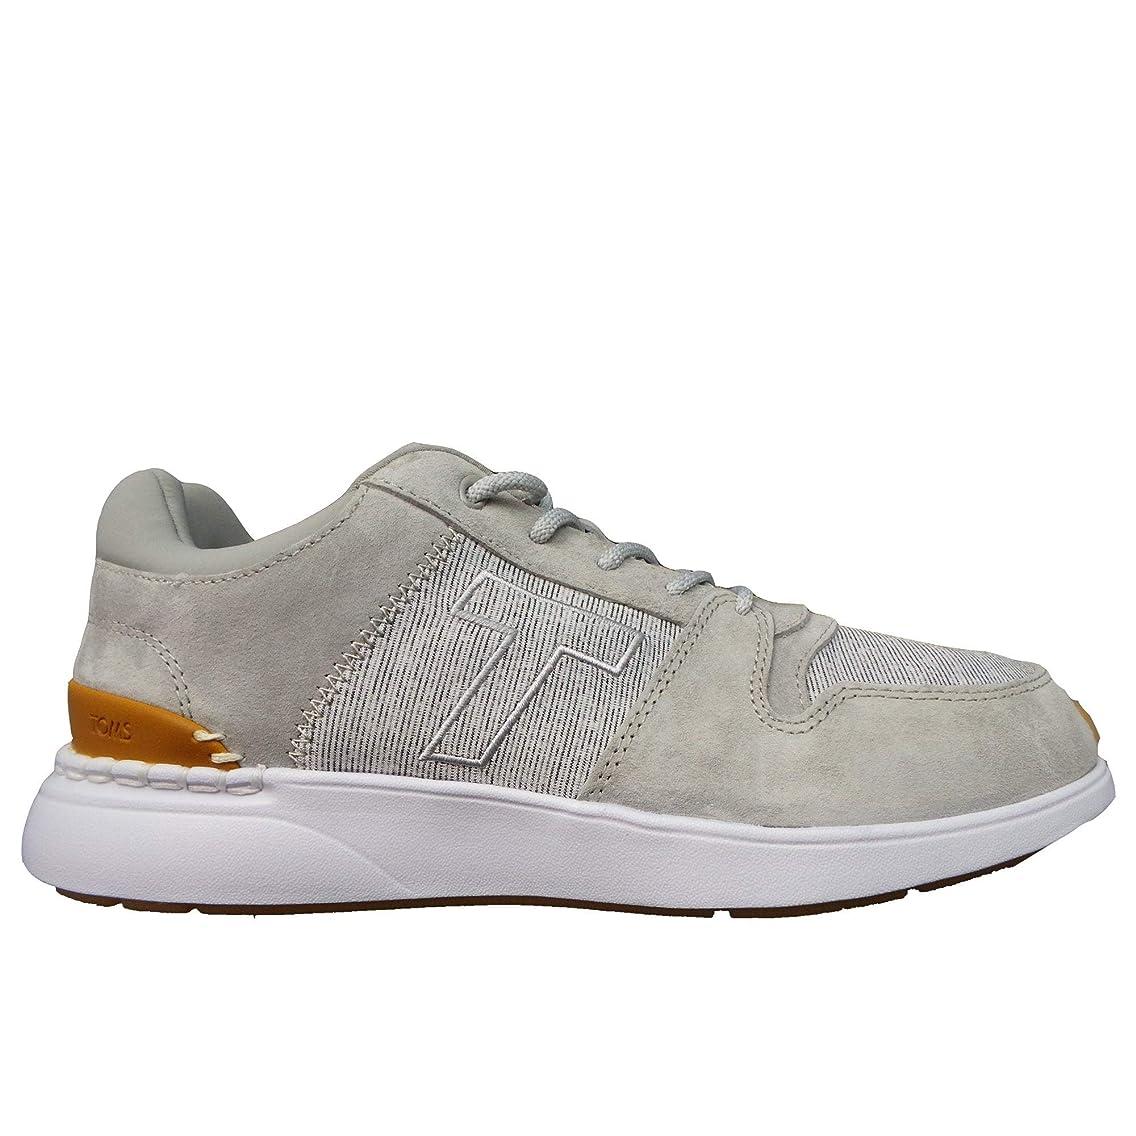 TOMS Men's Arroyo Sneaker